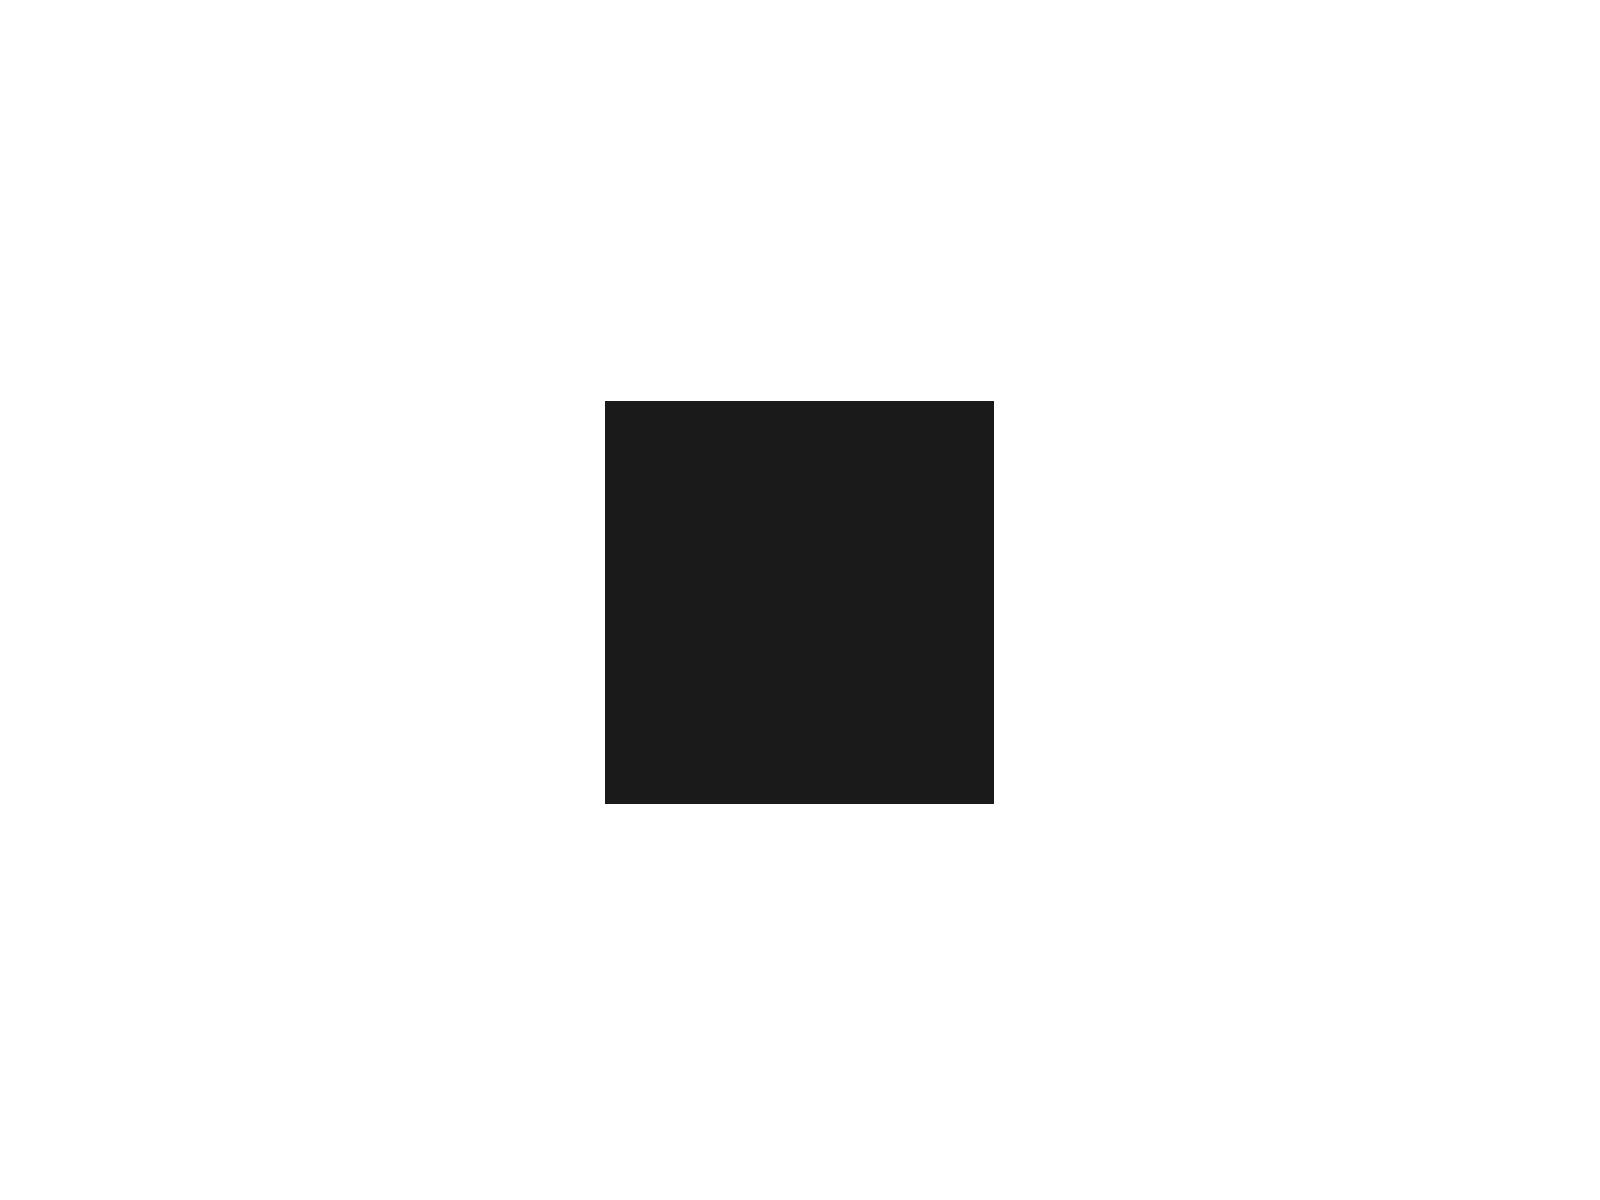 200325_logo_0011_TOKTOK